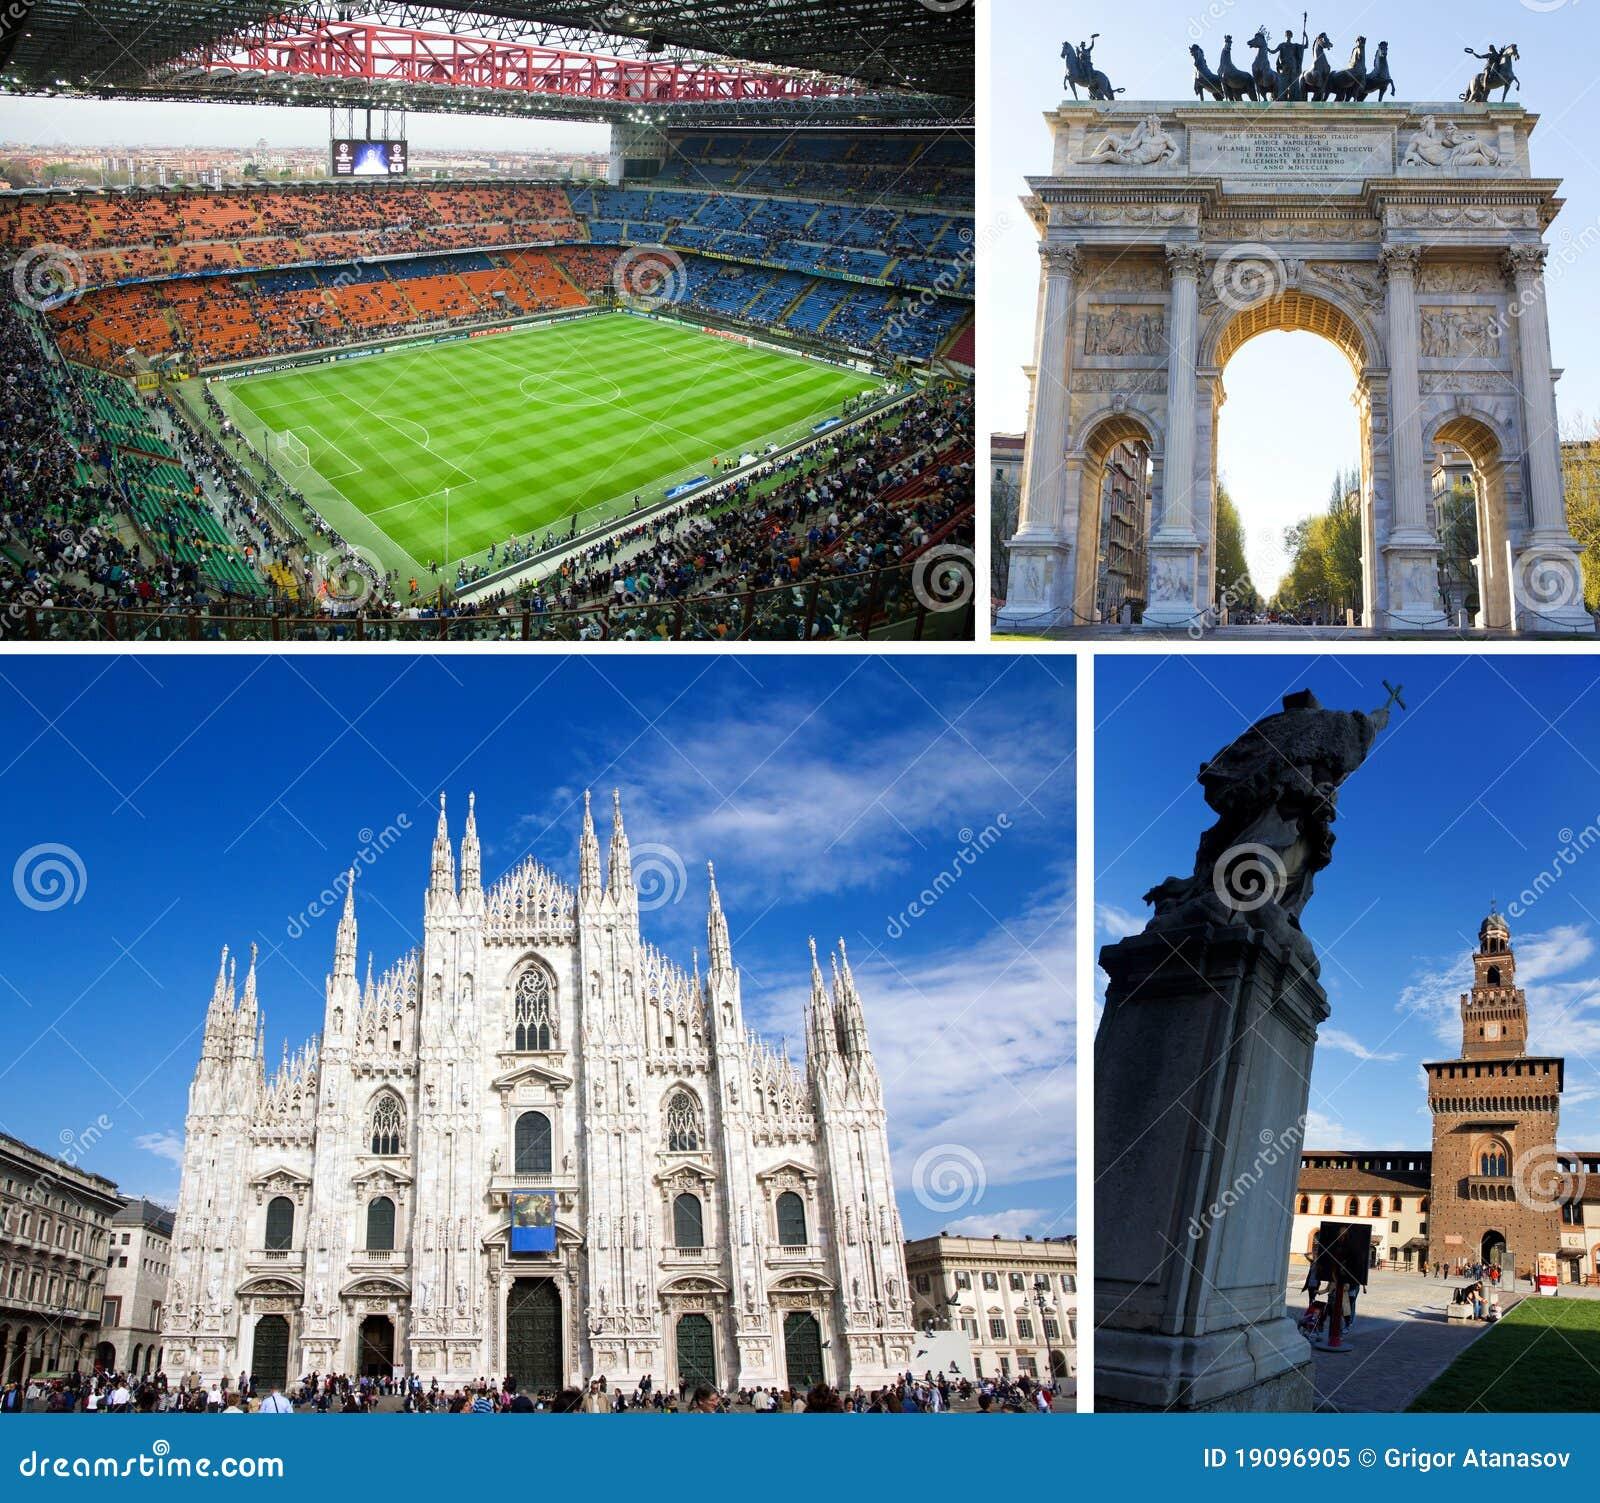 Touristenattraktionen in Mailand, Italien